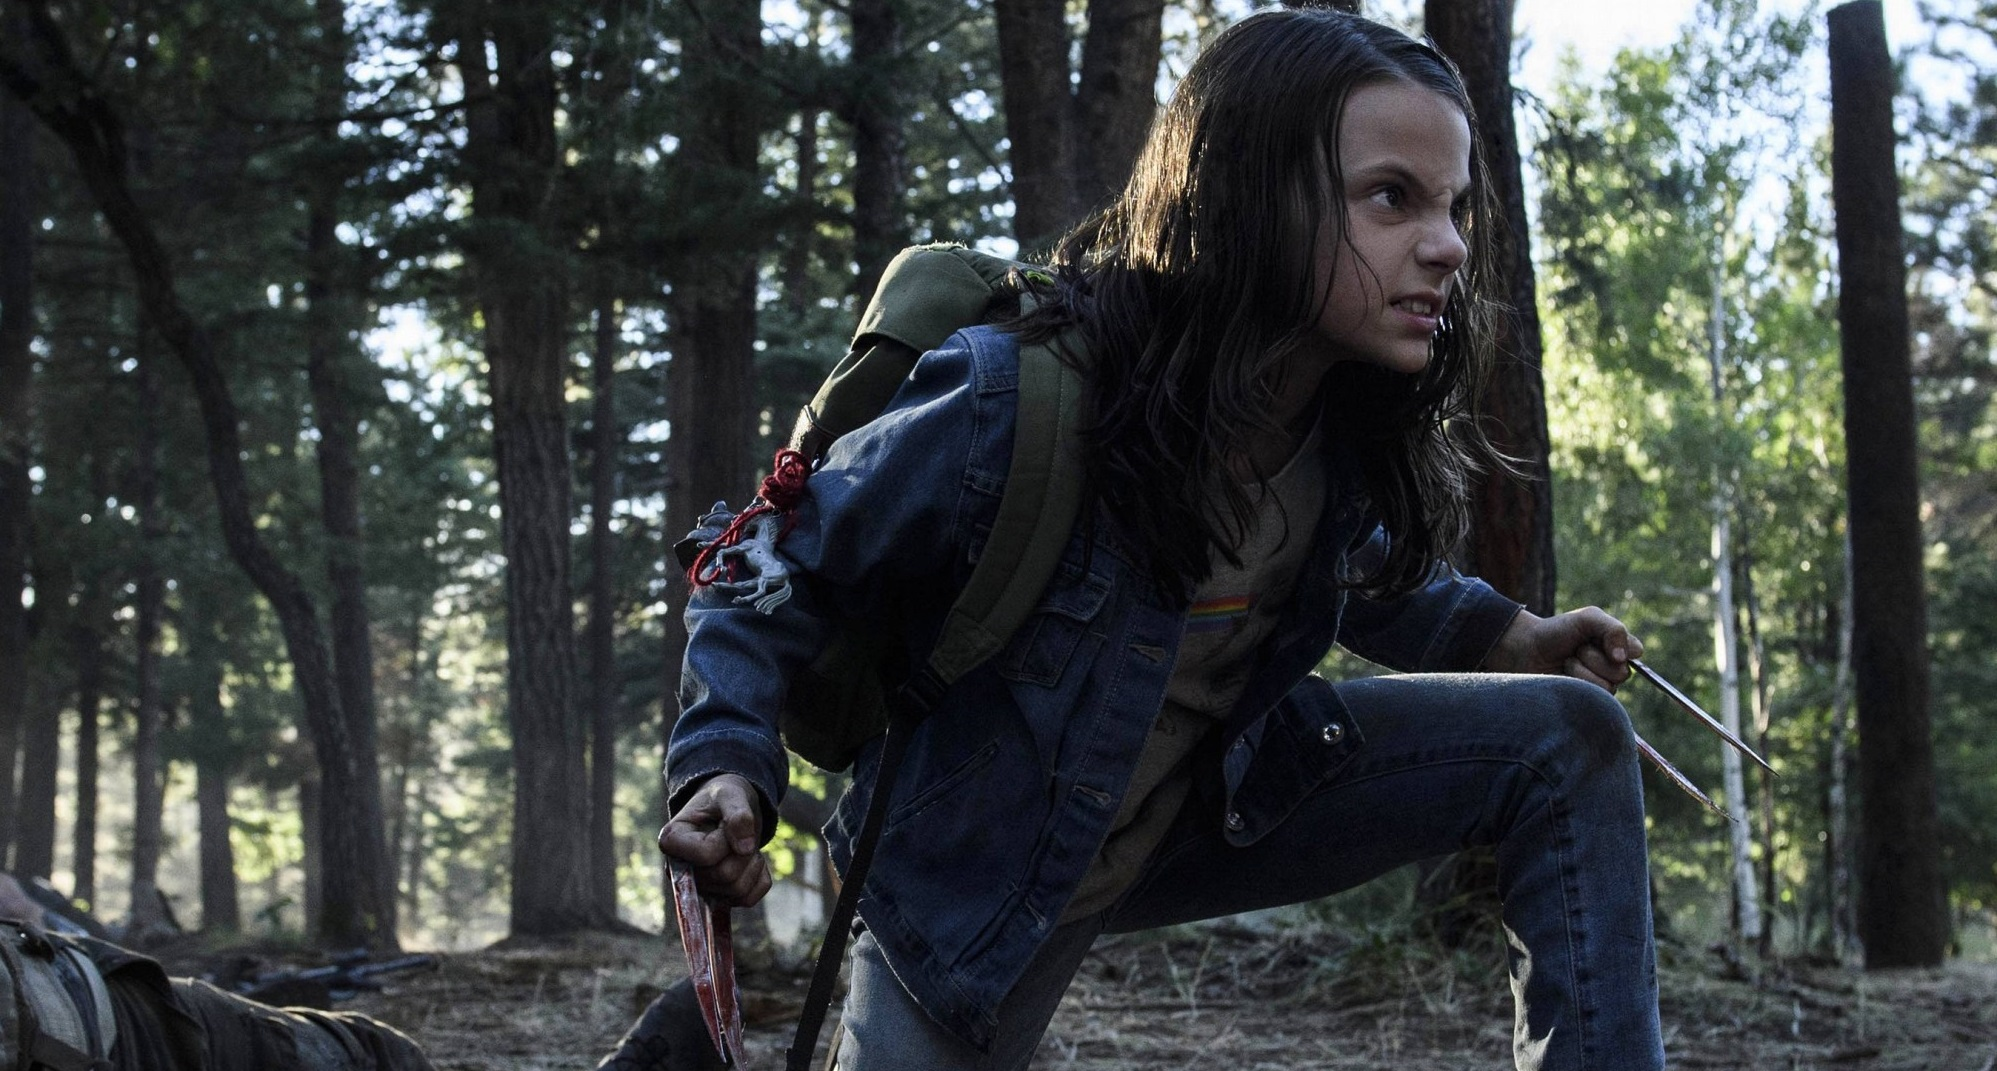 ontrast miedzy Laurą/X-23, a Loganem nie polega tylko na prostym eksponowaniu różnicy wieku.